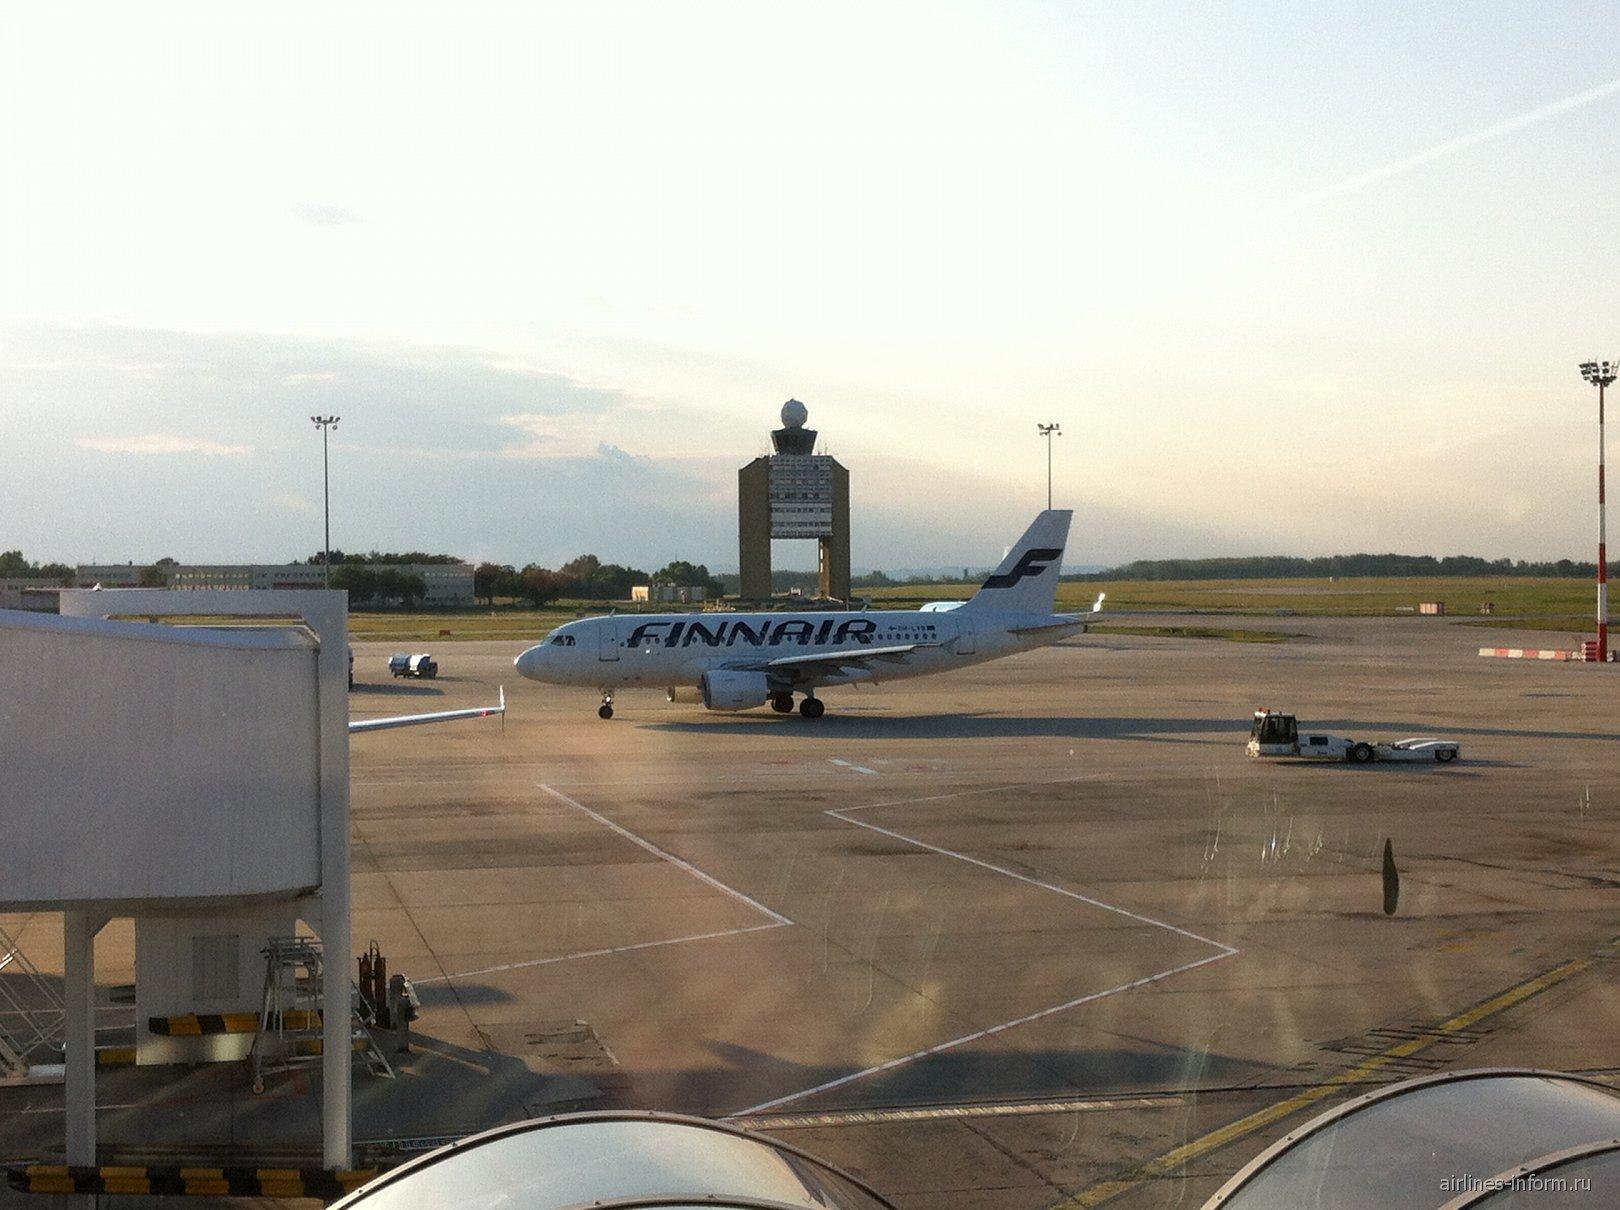 A319 Finnair